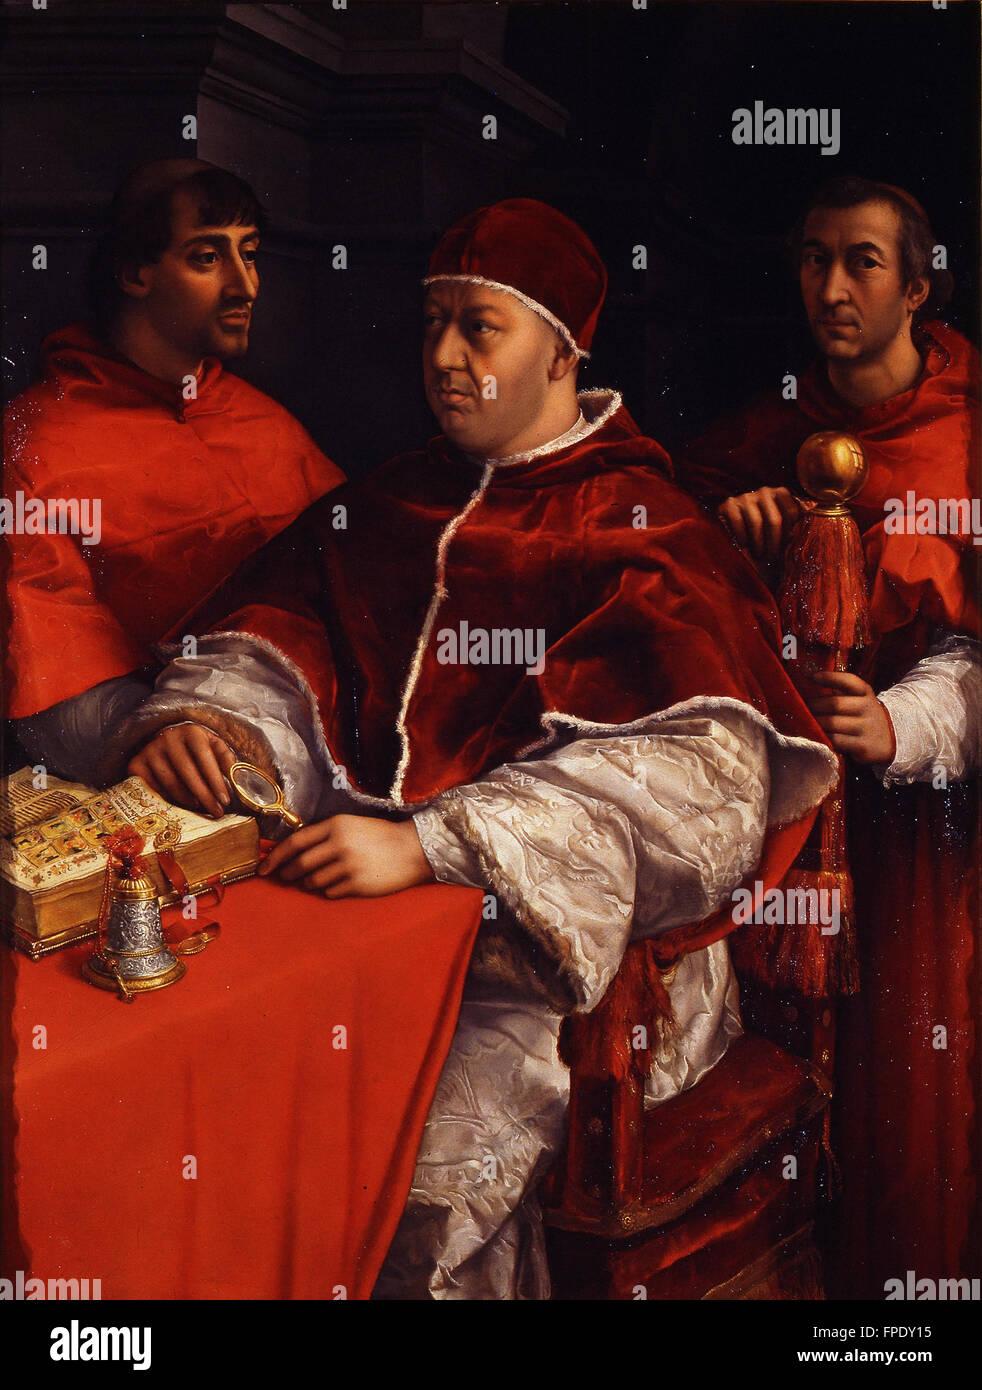 Raffaello Sanzio - Ritratto di Leone X co cardinali Giulio de' Medici e Luigi de' Rossi - Stock Image